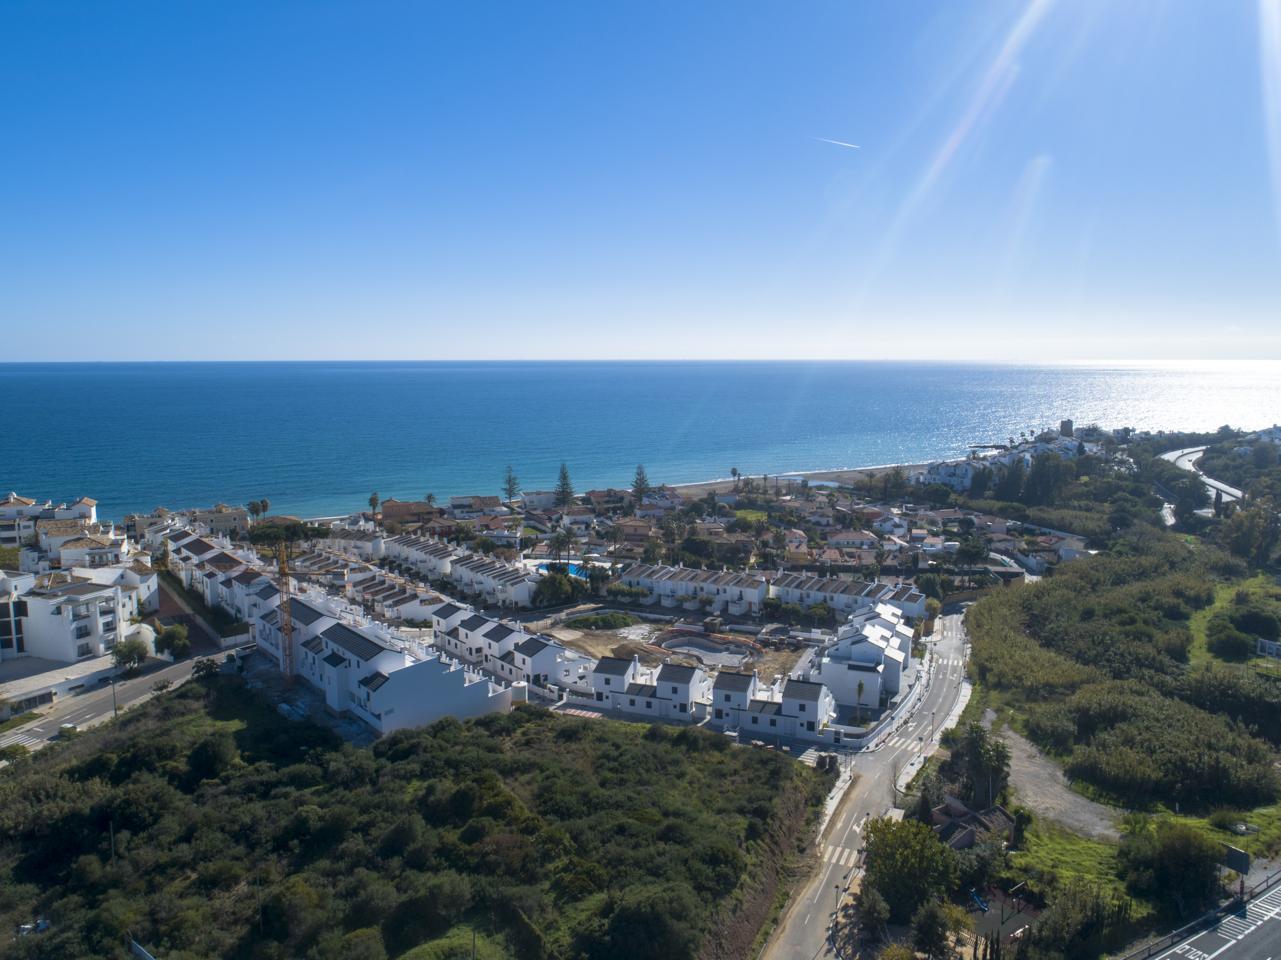 Obra nueva ATICOS DUPLEX DESDE 312.000€, moderno apartamentoS cerca de la playa!!